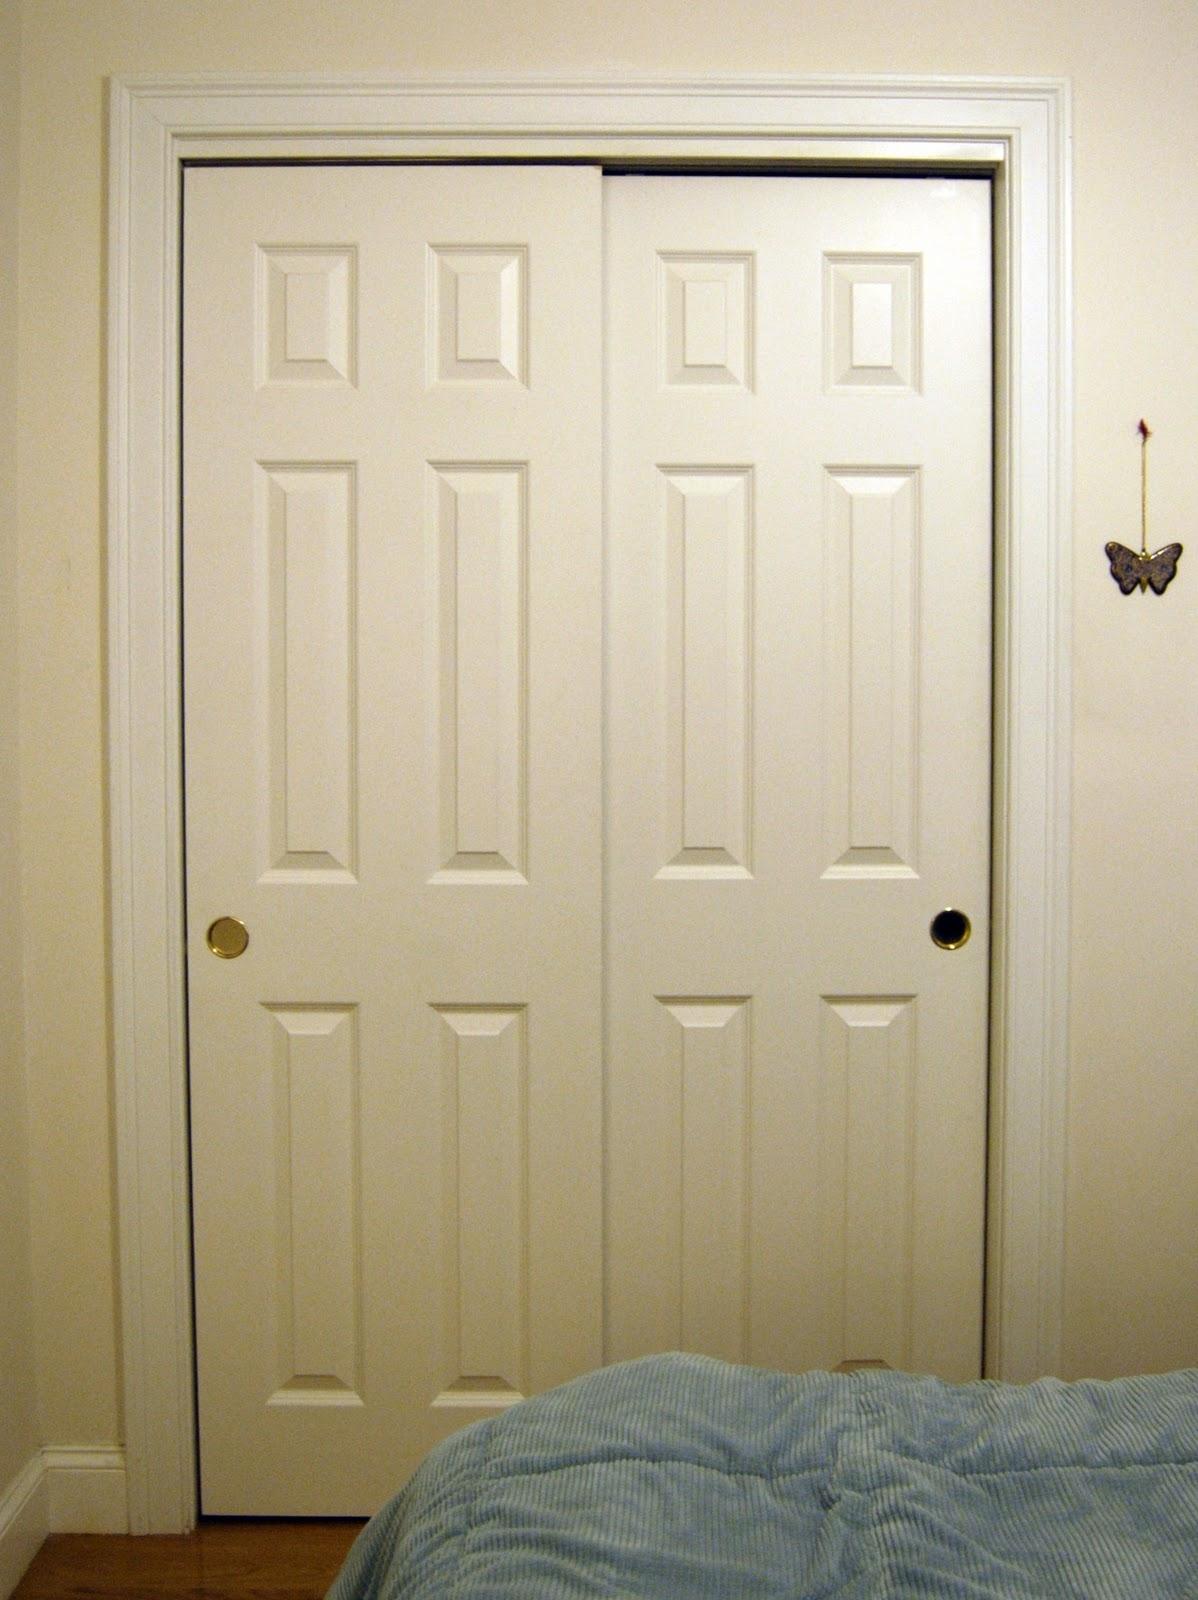 Organize Closet With Sliding Doors